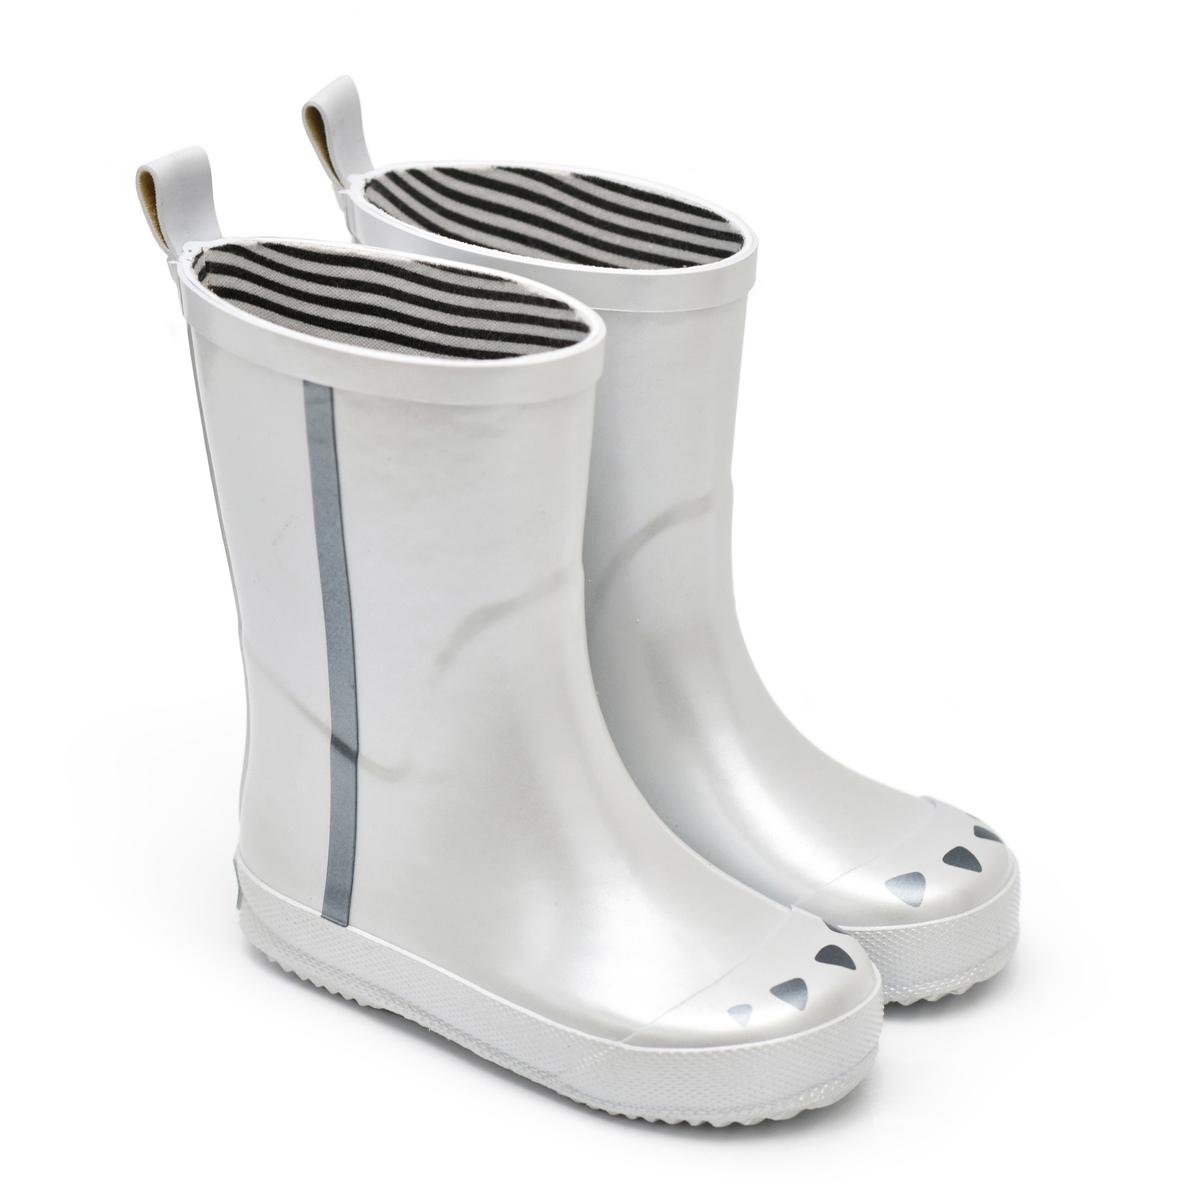 Chaussons & Chaussures Bottes Kerran Argent - 26 Bottes Kerran Argent - 26